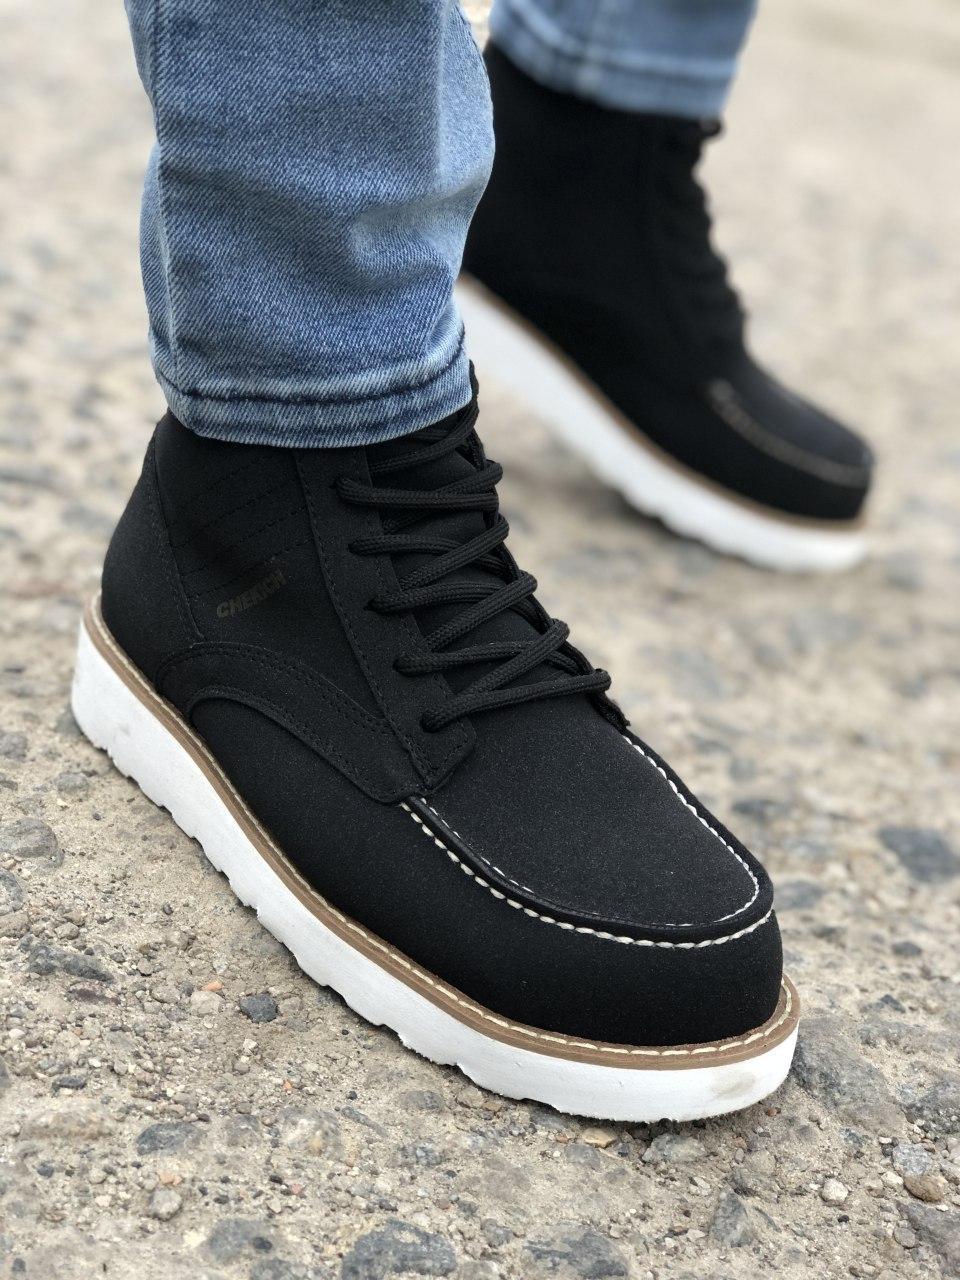 Ботинки - мужские ботинки на шнурках